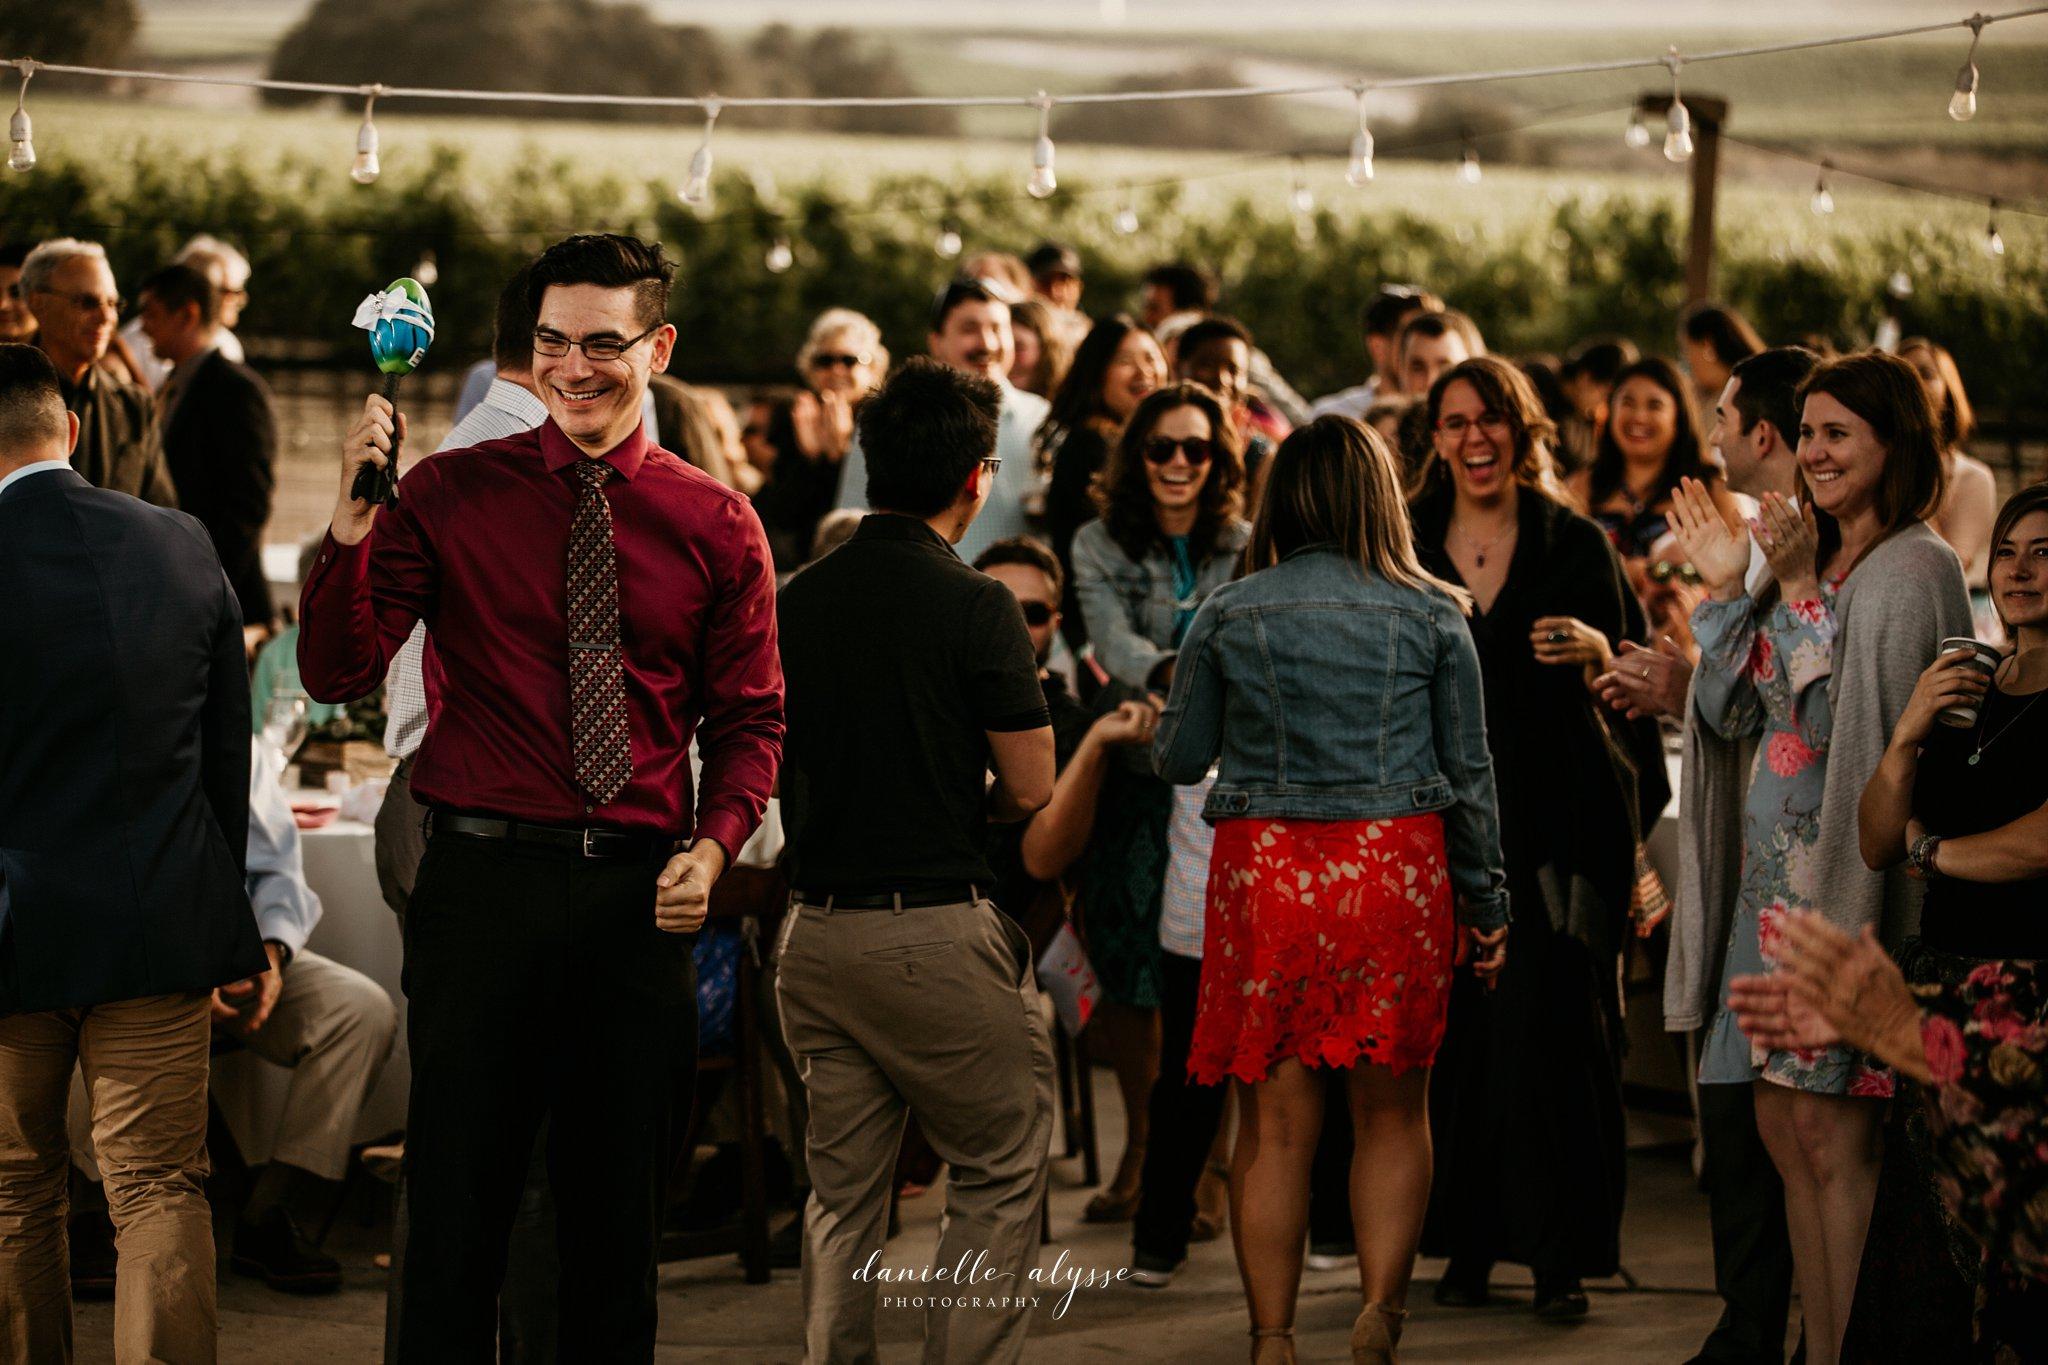 180630_wedding_lily_ryan_mission_soledad_california_danielle_alysse_photography_blog_1052_WEB.jpg